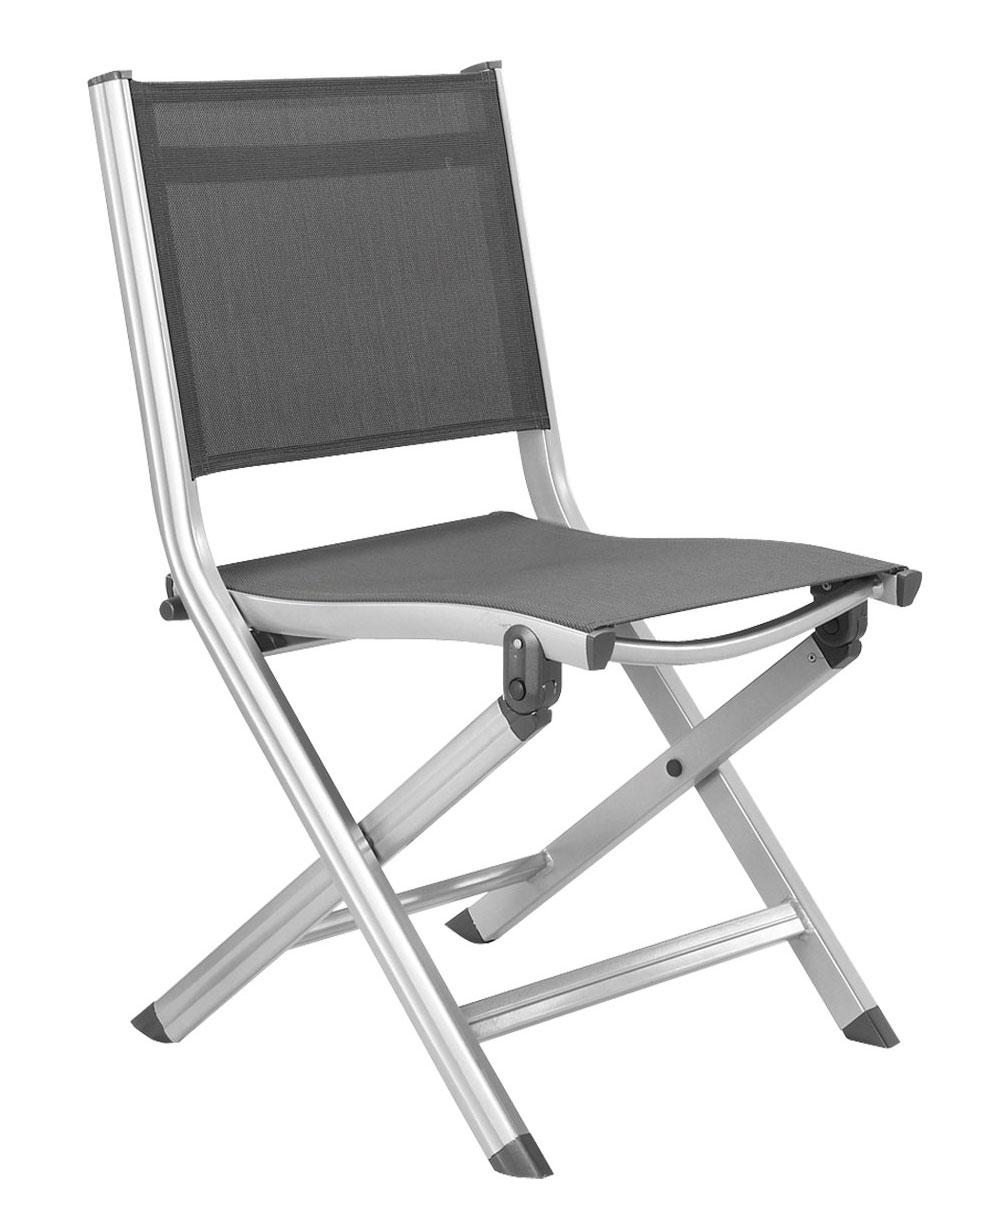 Gartenstühle klappbar  KETTLER Gartenstuhl Basic Plus 0301218-000 klappbar silber/anthr ...